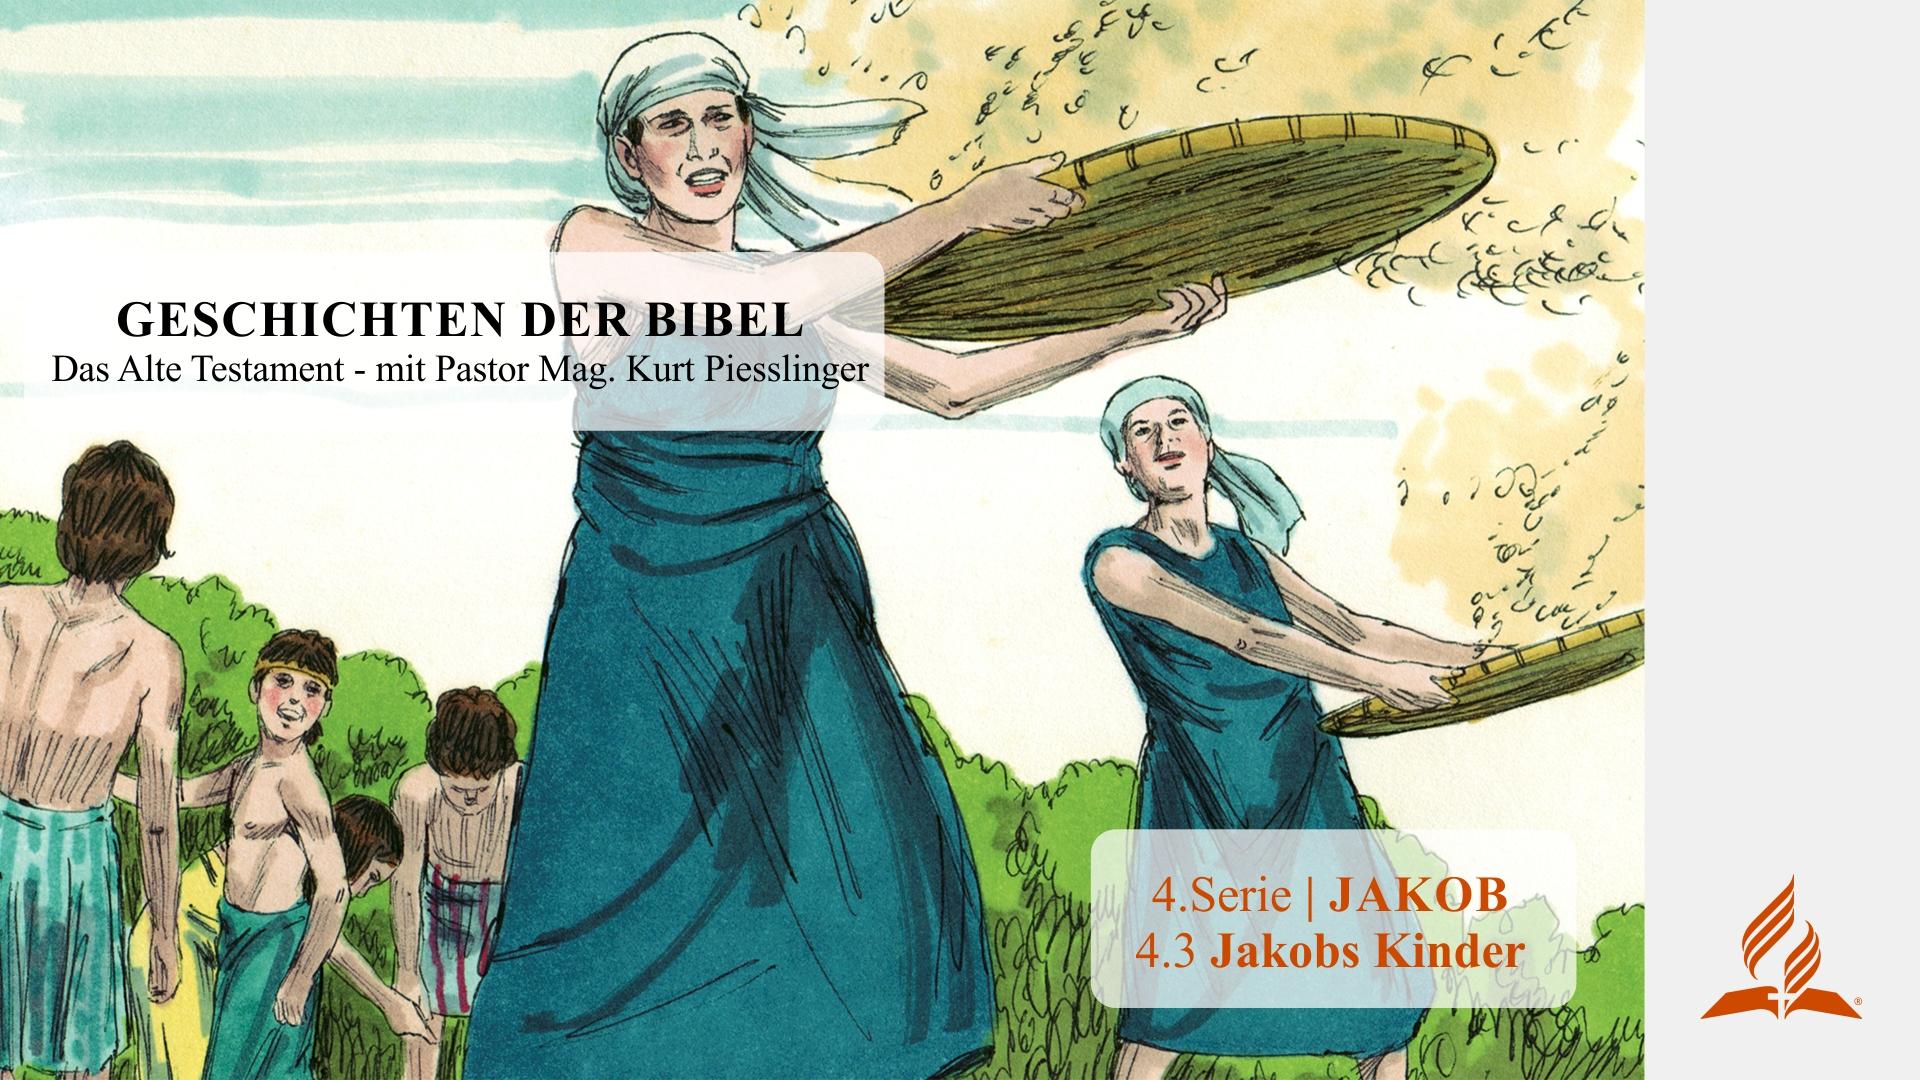 GESCHICHTEN DER BIBEL: 4.3 Jakobs Kinder – 4.JAKOB | Pastor Mag. Kurt Piesslinger